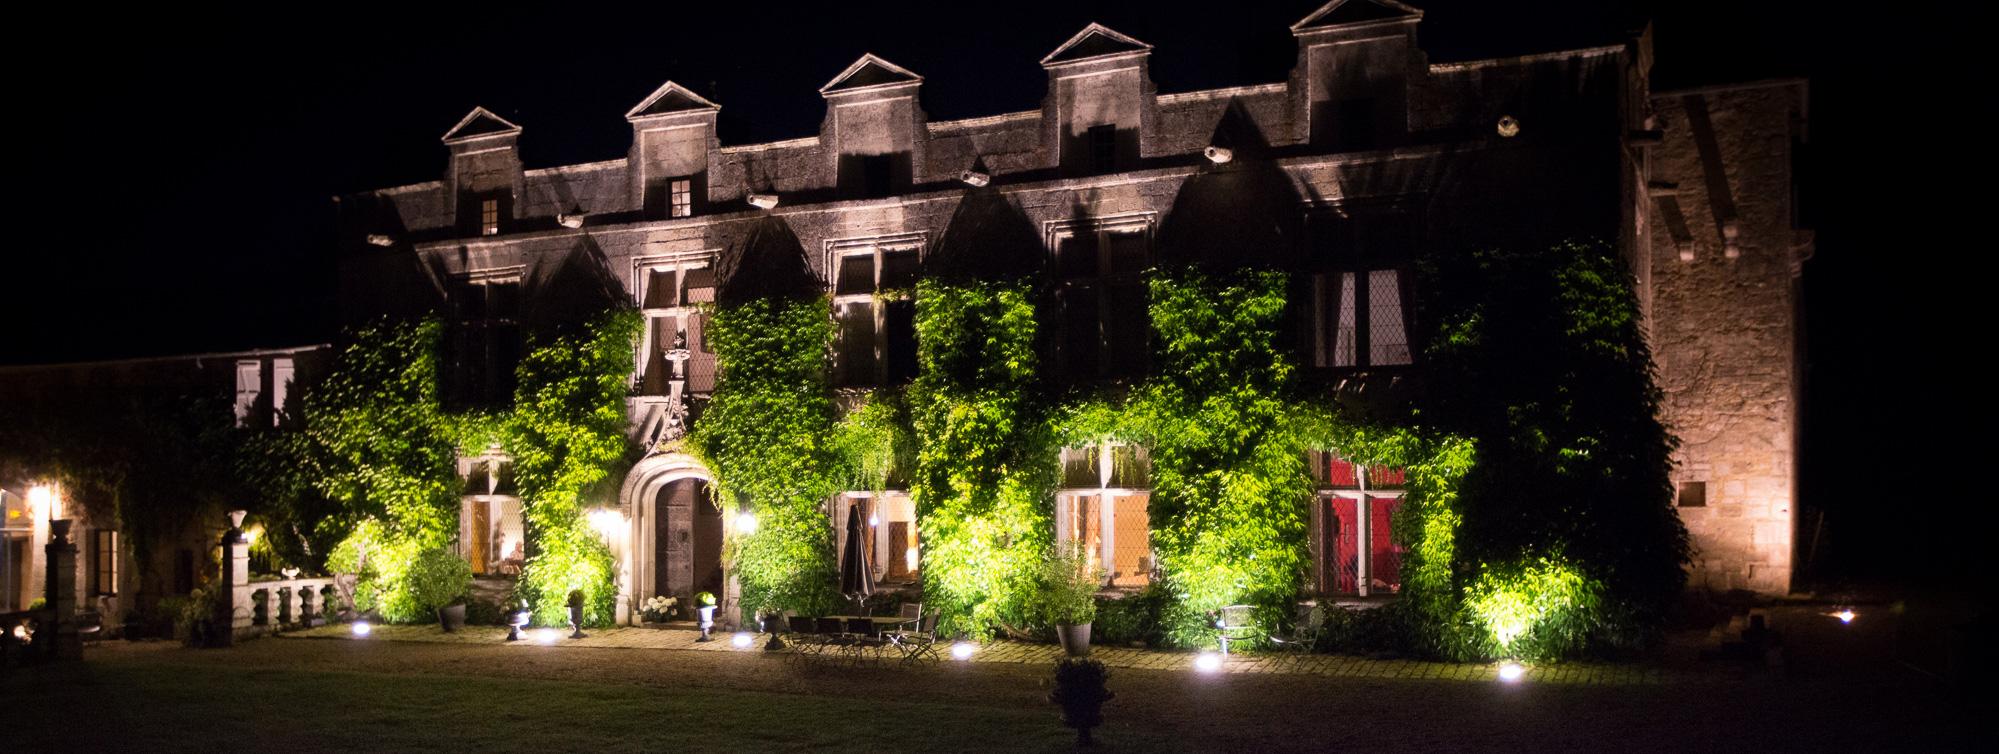 Chateau de Maumont ©S.La Clef - Chateau de Maumont